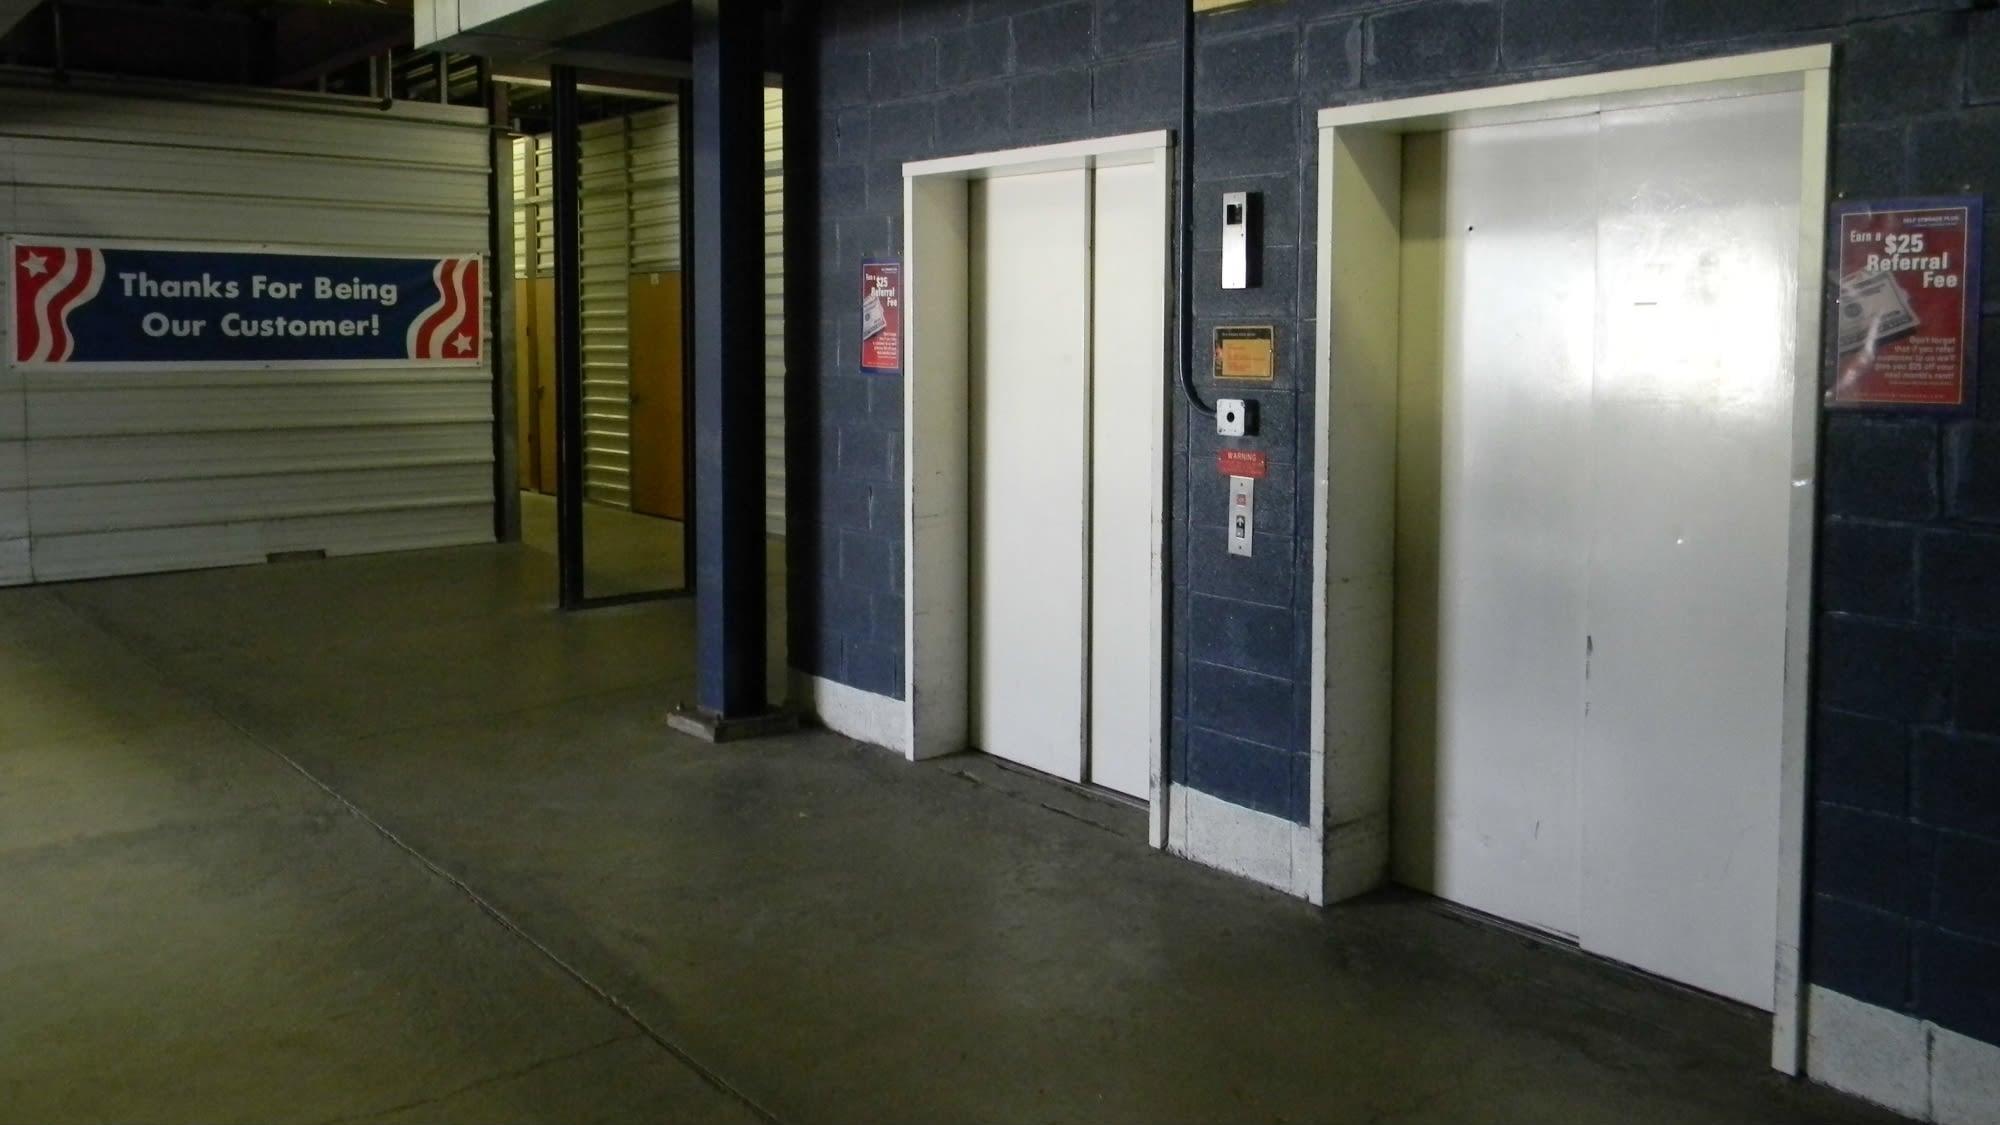 Elevator access at Self Storage Plus in Alexandria, VA